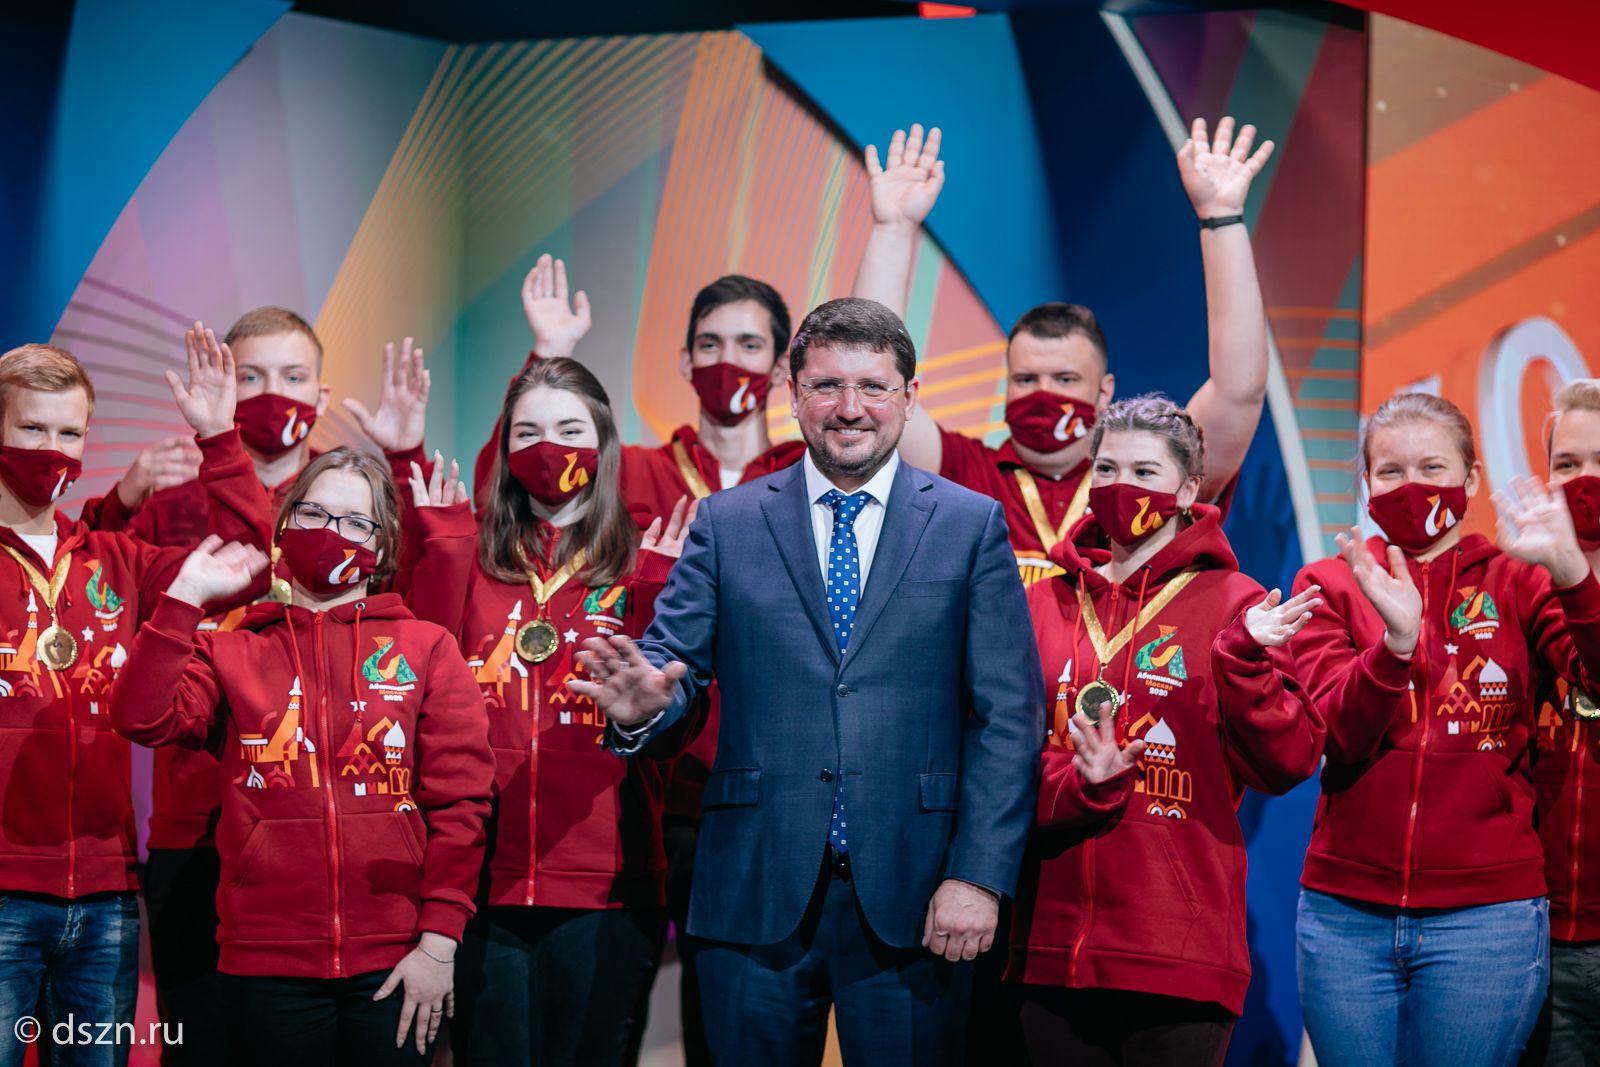 Евгений Стружак, руководитель столичного Департамента труда и соцзащиты вместе с участниками национального чемпионата «Абилимпикс»-2020